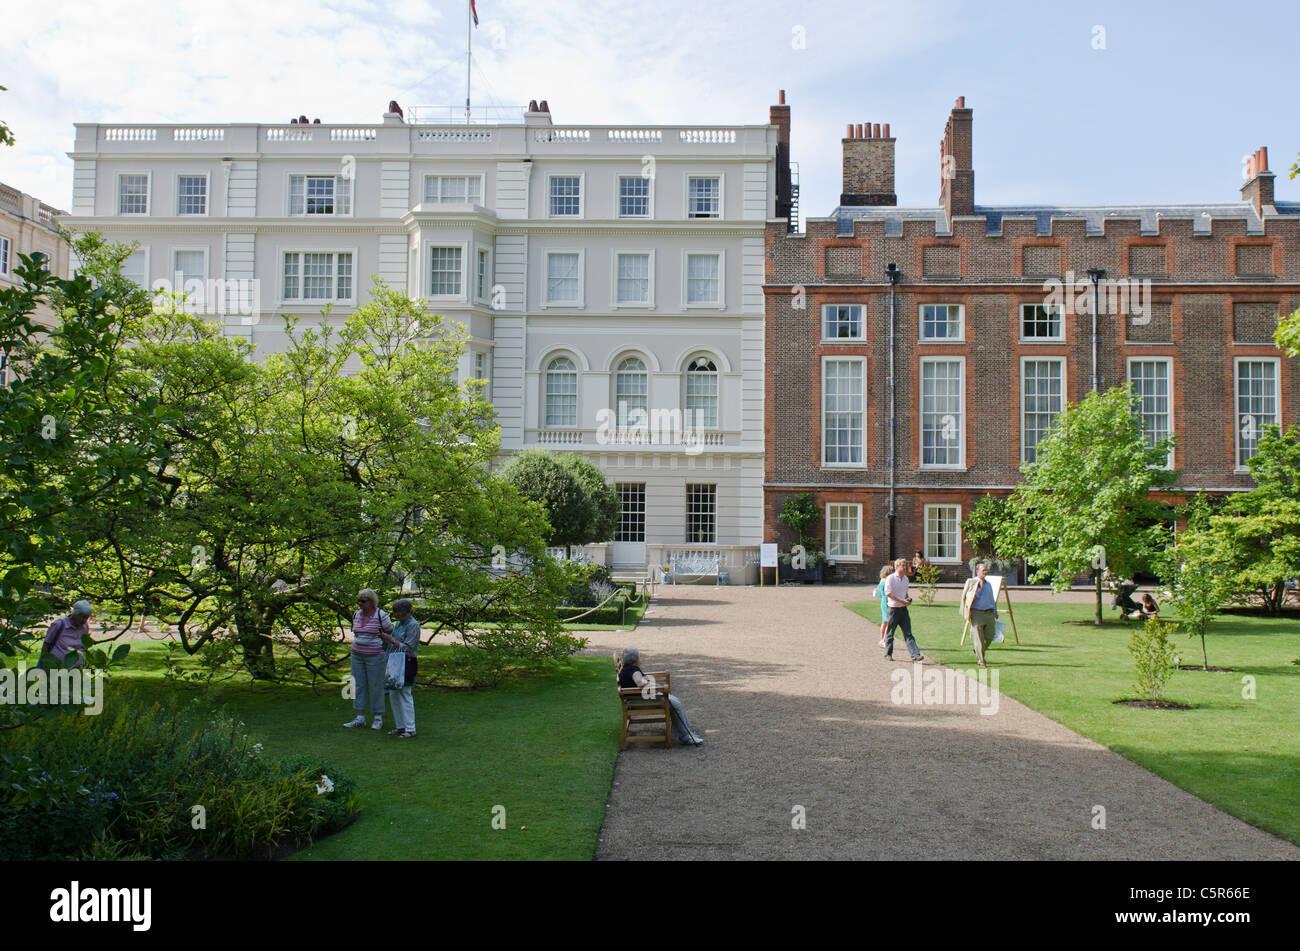 clarence house und st james palace garten london uk haus von prinz charles camilla herzogin. Black Bedroom Furniture Sets. Home Design Ideas